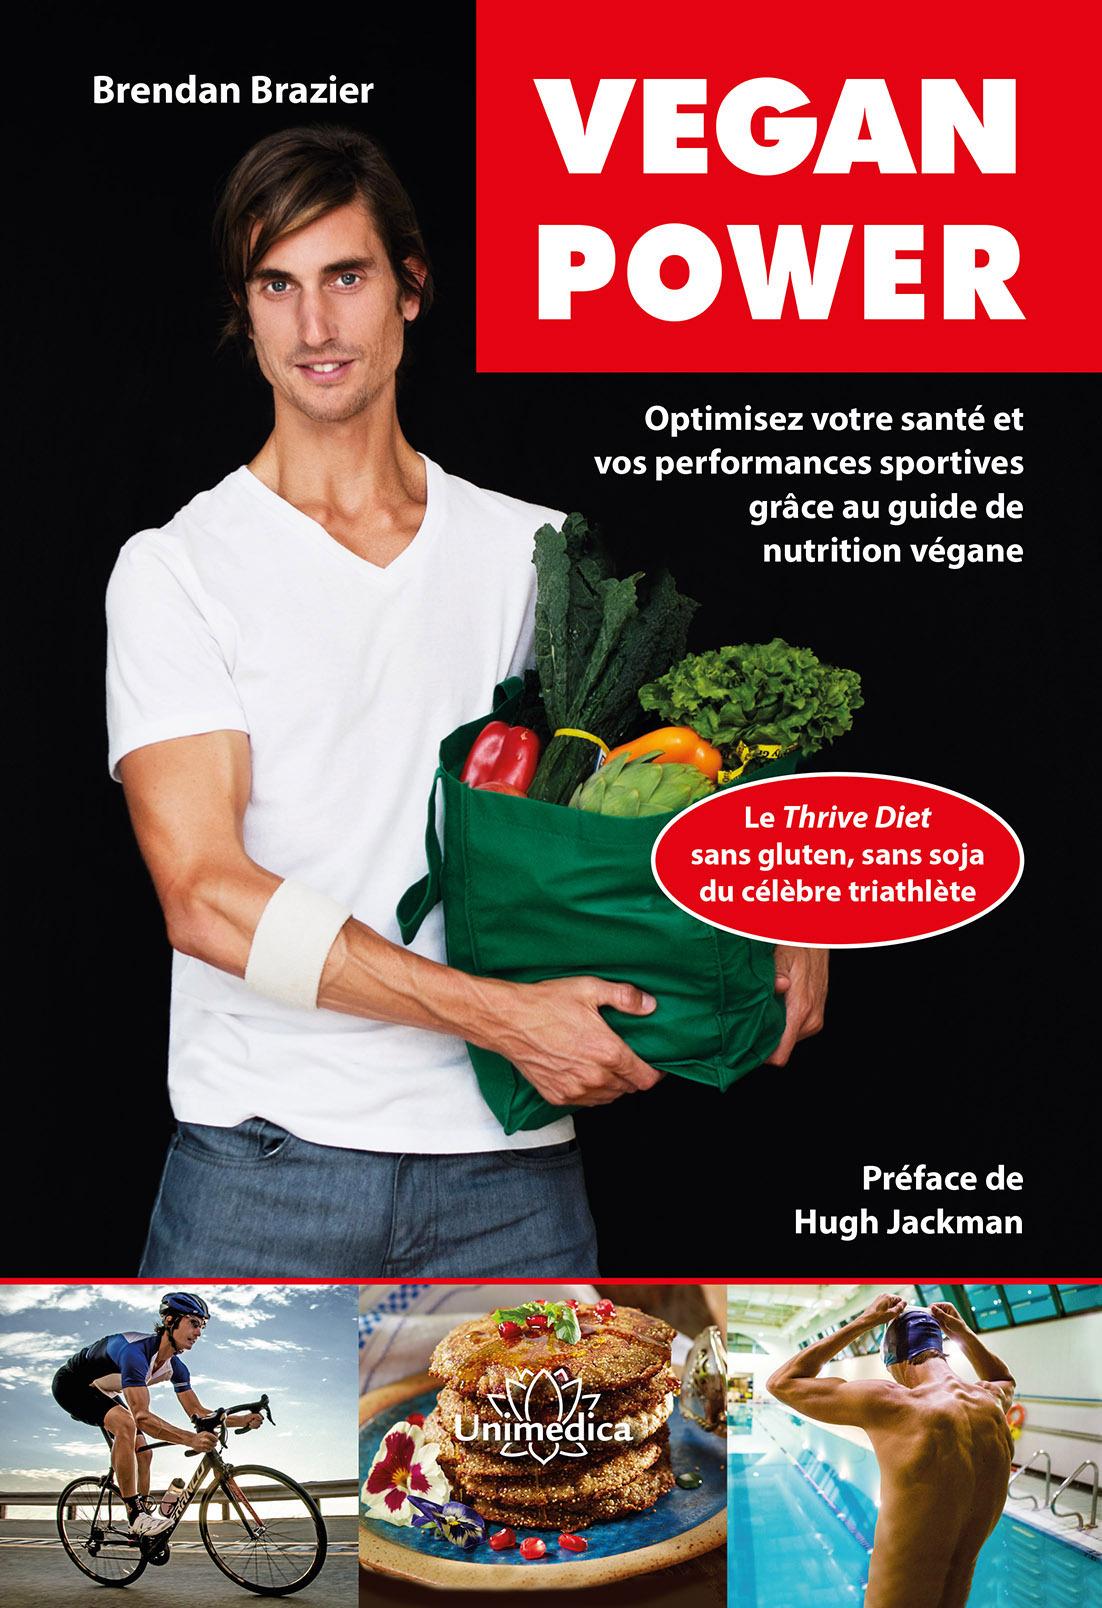 VEGAN POWER - OPTIMISEZ VOTRE SANTE ET VOS PERFORMANCES SPORTIVES GRACE AU GUIDE DE NUTRITION VEGANE